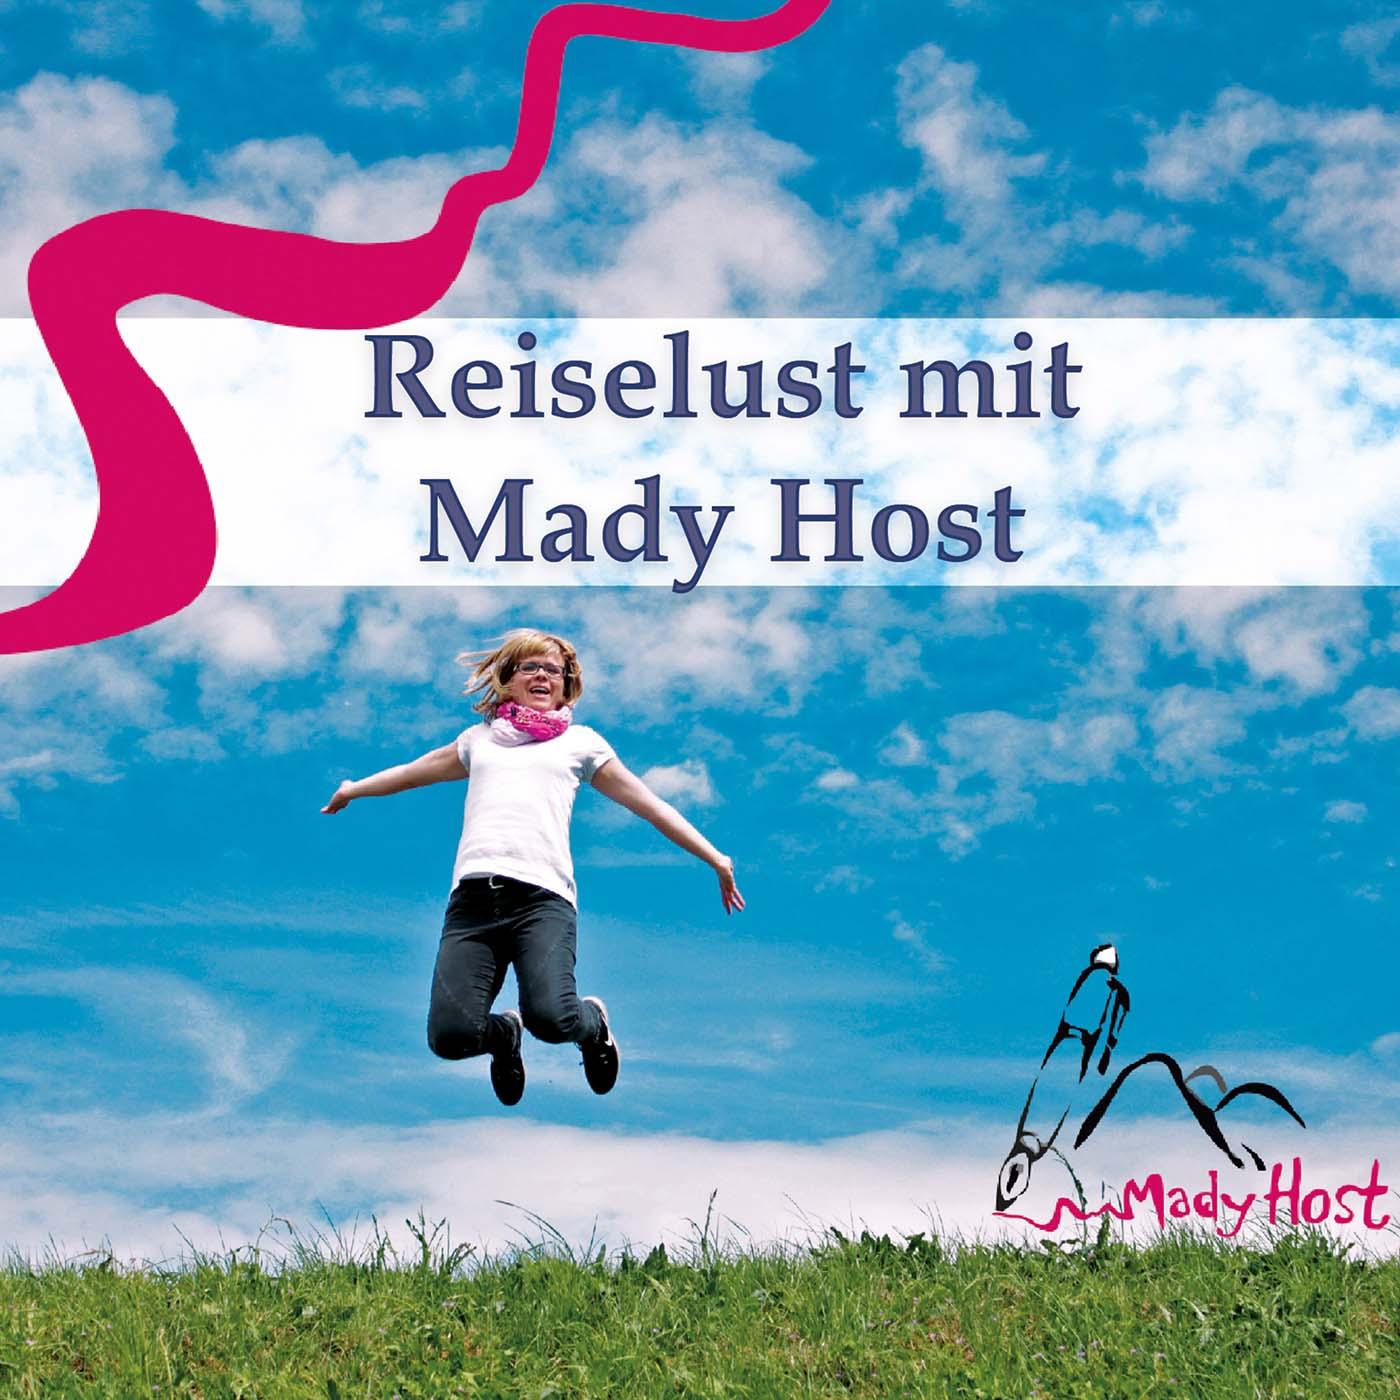 Reiselust mit Mady Host - Der Podcast für Ein- und Aussteiger show art